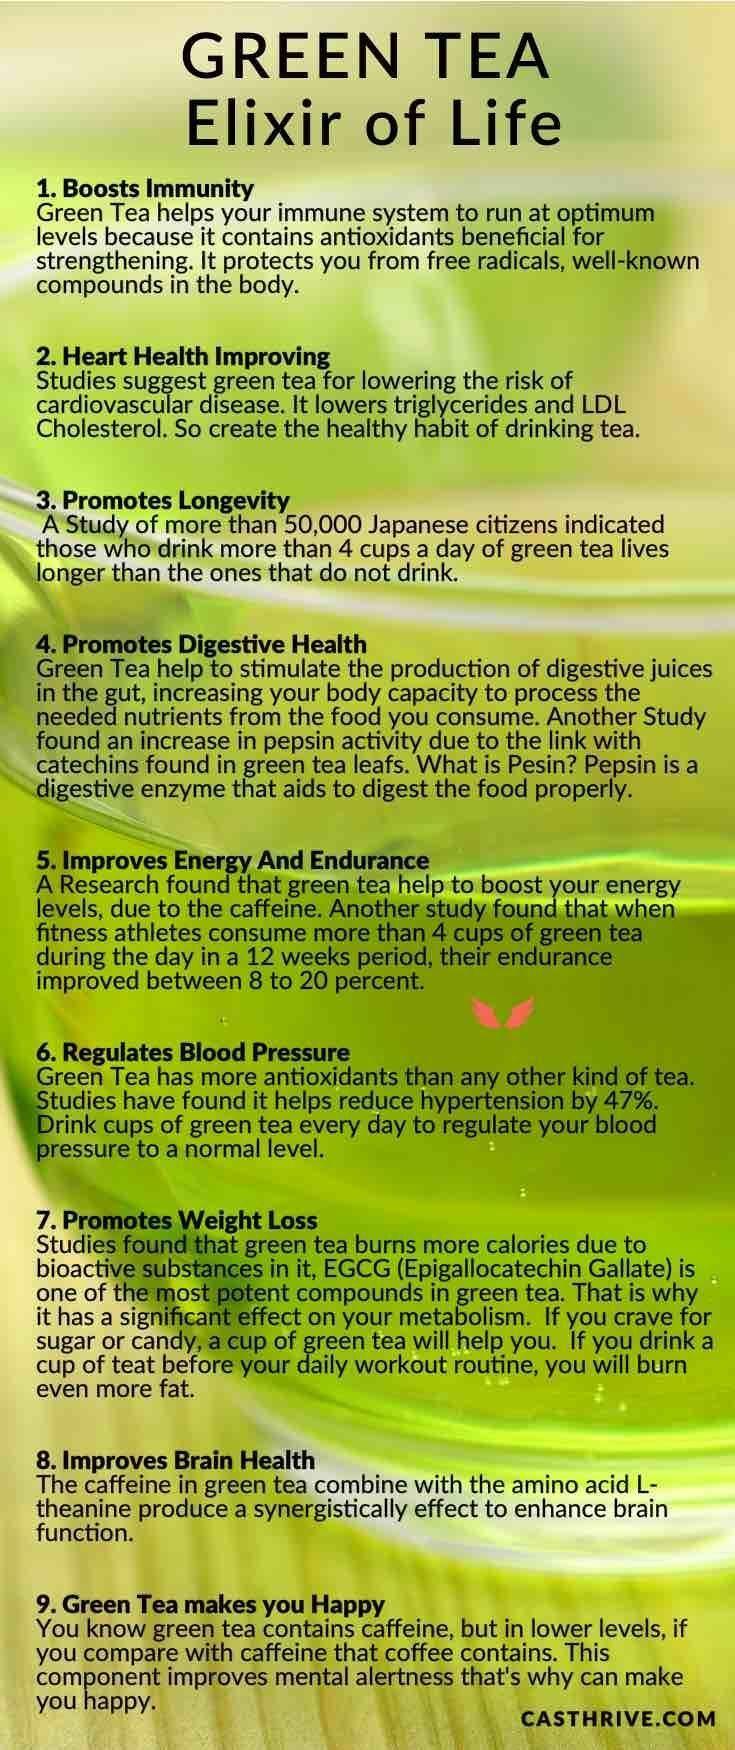 9 health benefits of green tea - elixir of life | green tea